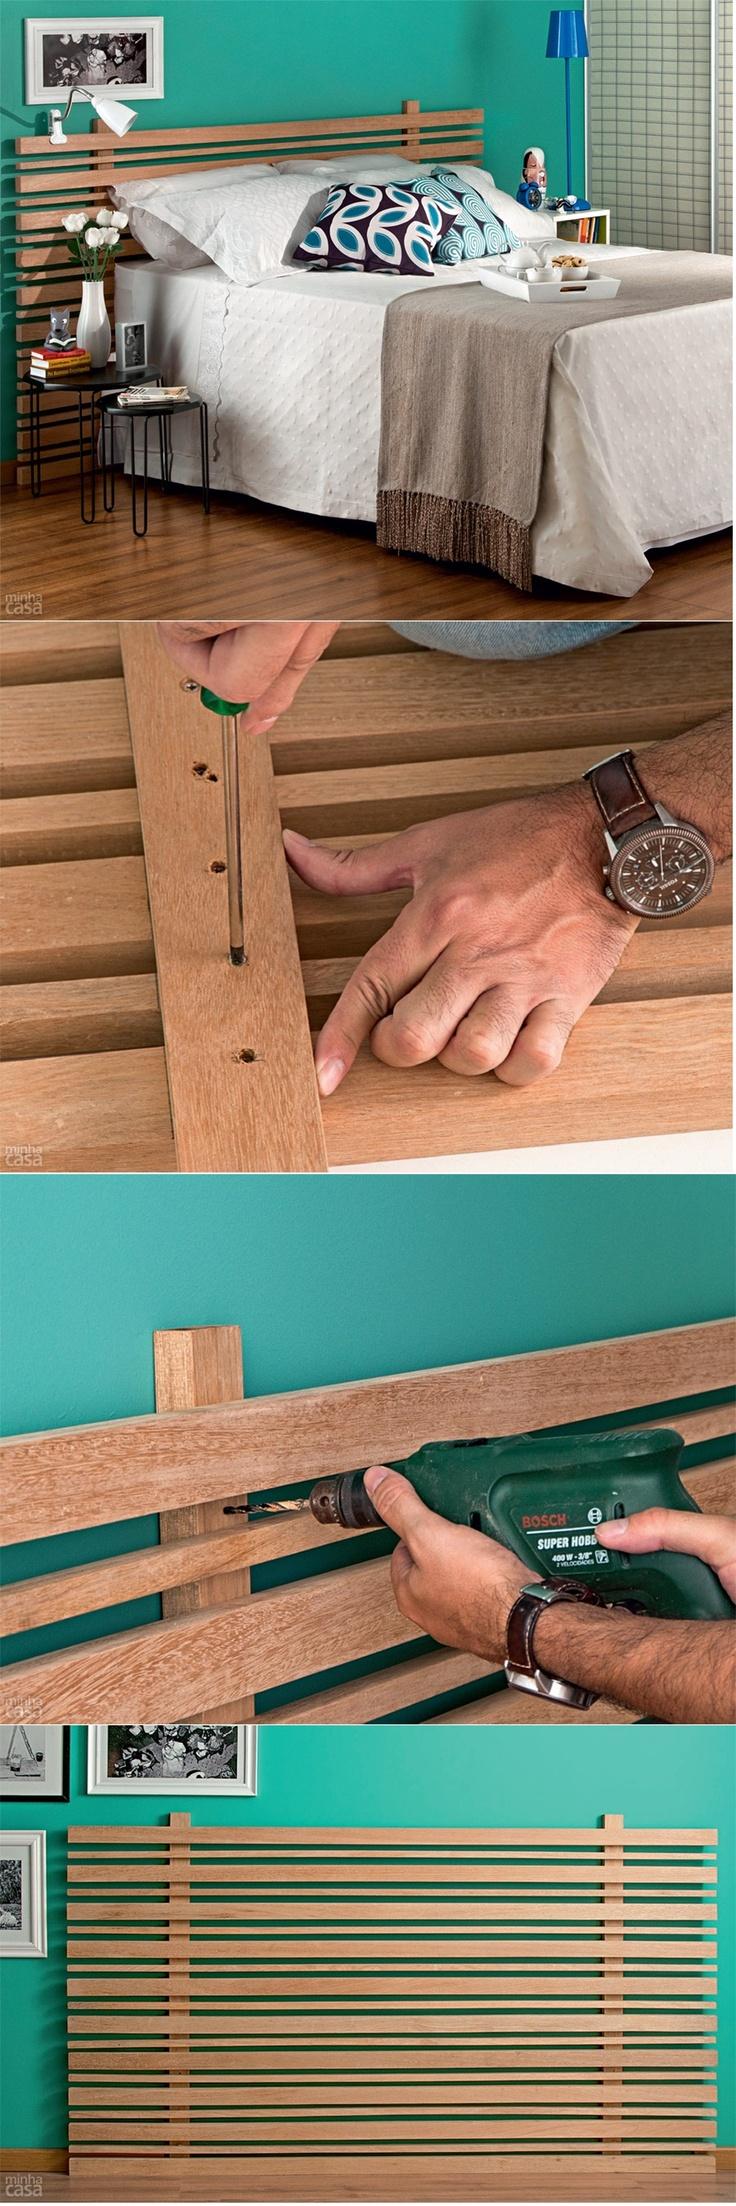 Aprenda a fazer uma cabeceira de ripas de madeira.                                                                                                                                                                                 Mais